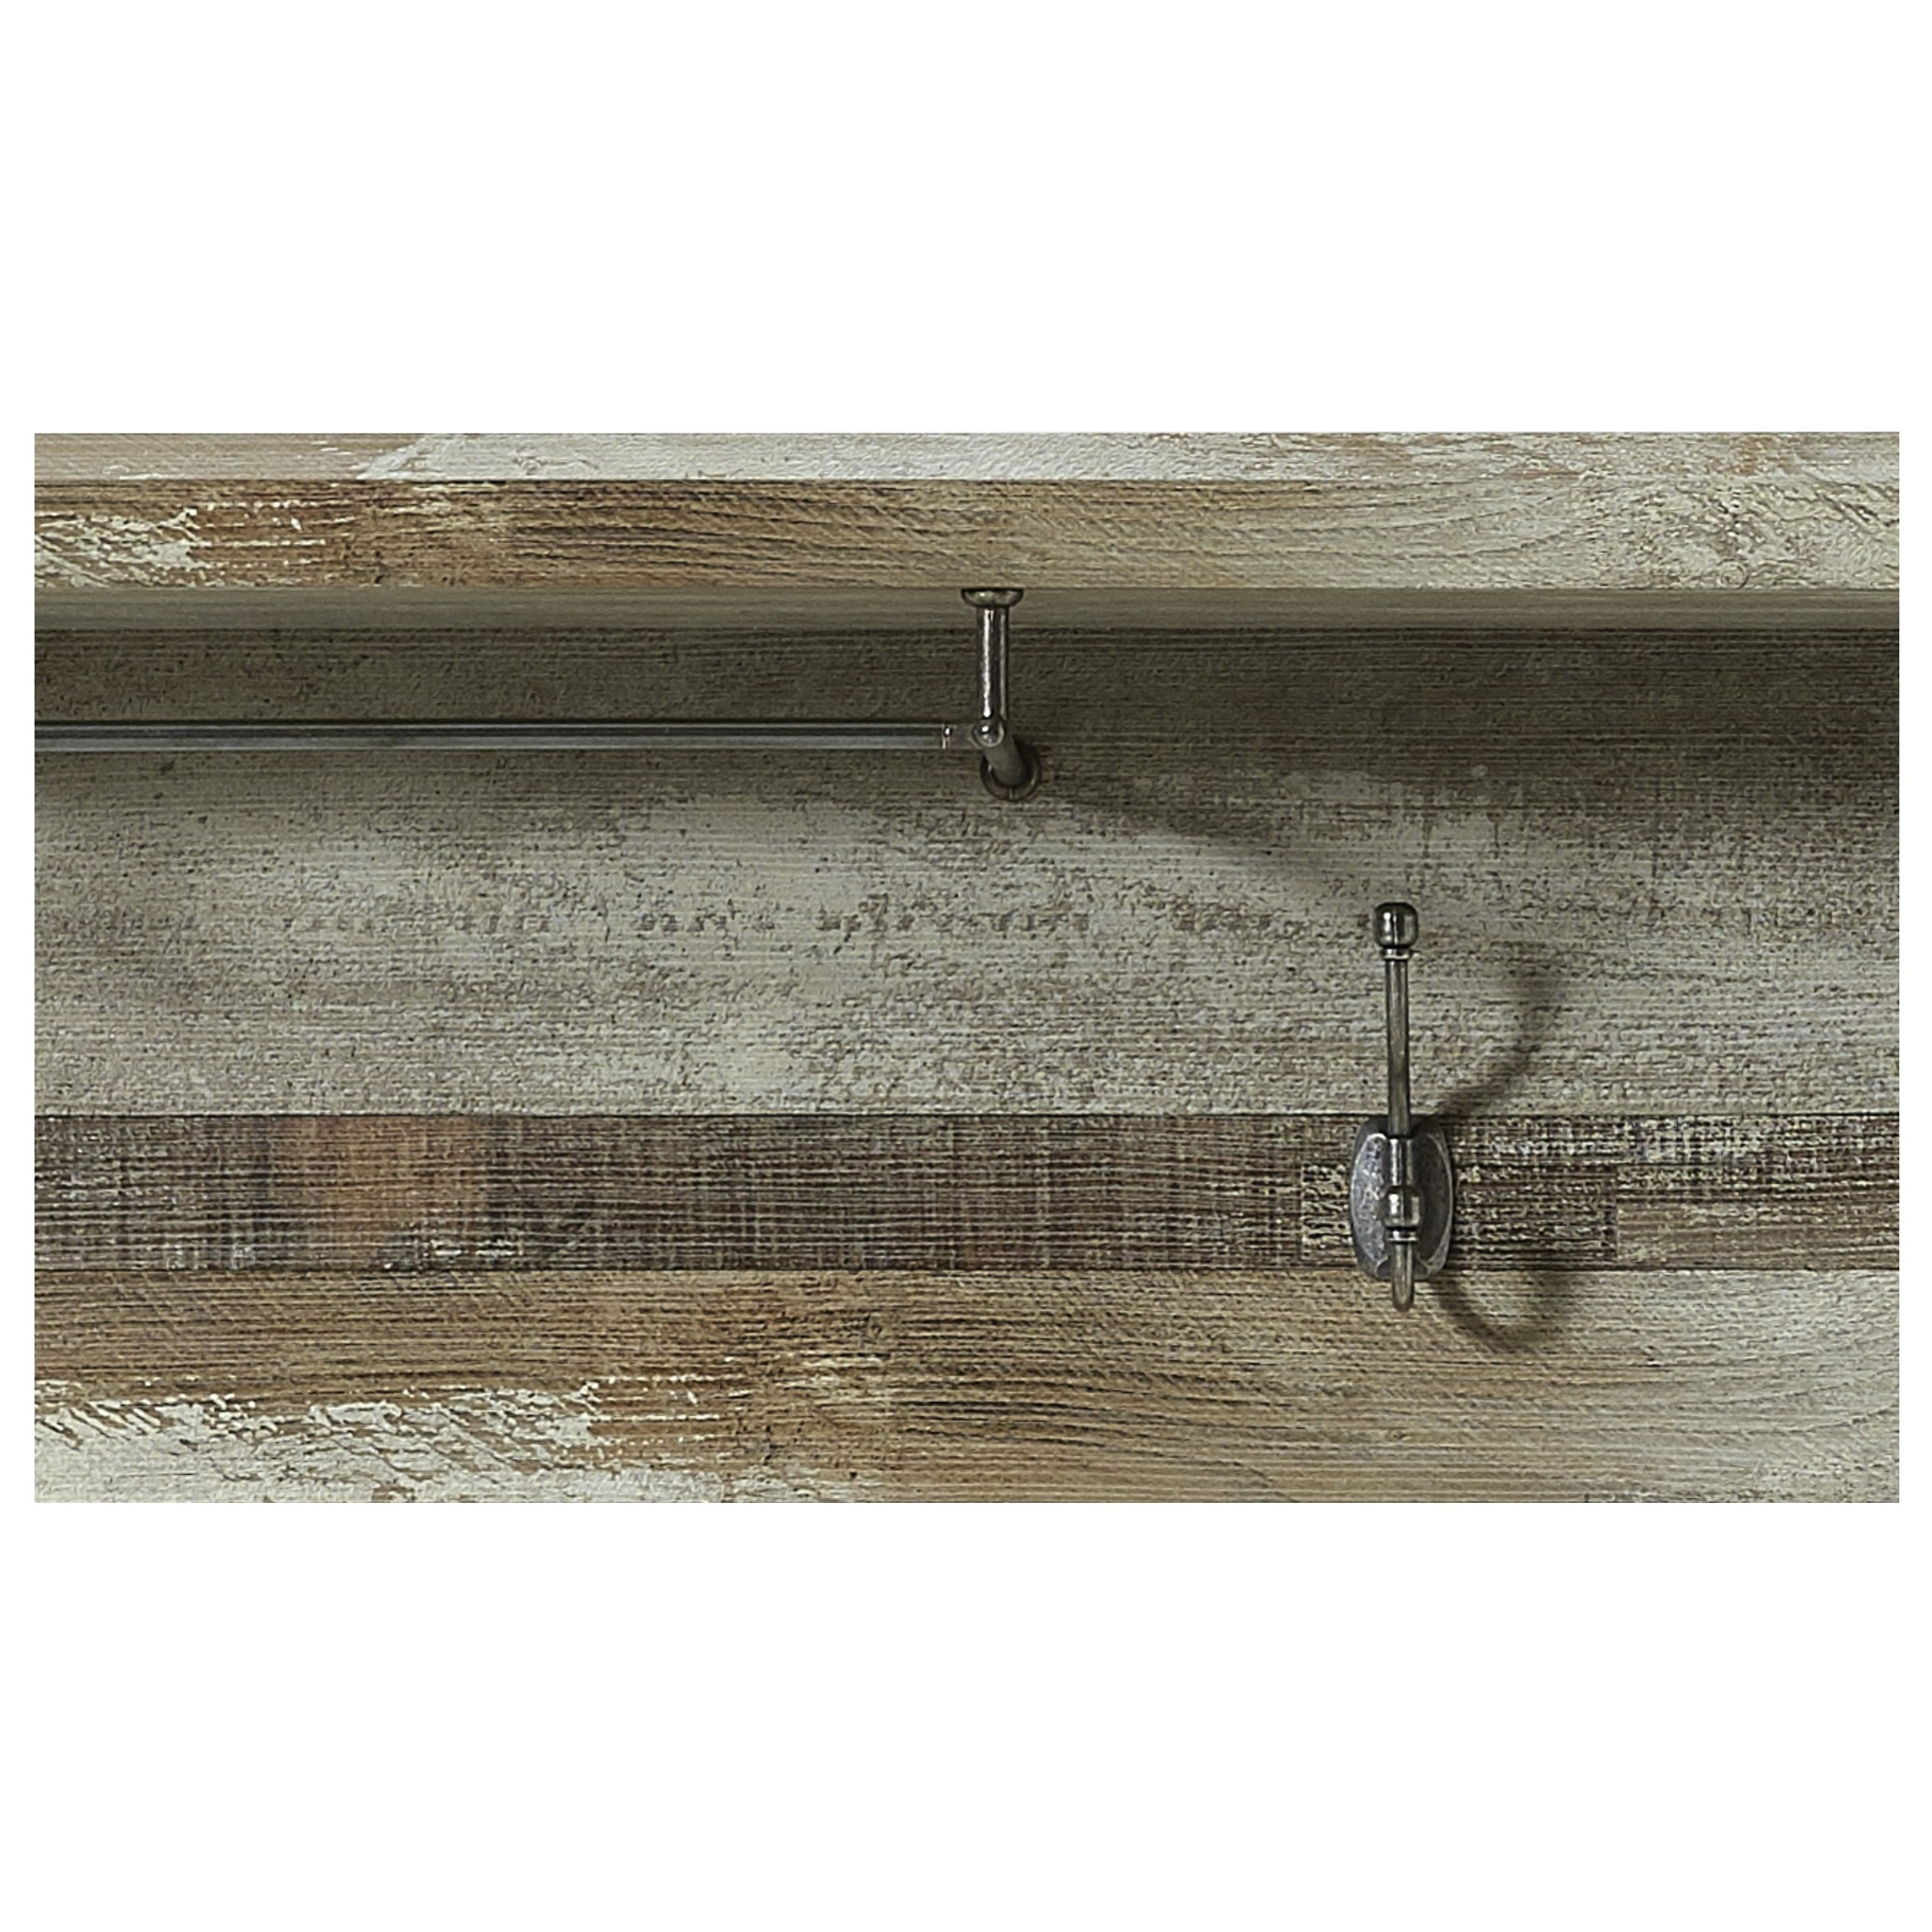 Sconto Predsieňový panel BONANZA driftwood Malý vešiakový panel BONANZA v dizajne nábytkového programu rovnakého mena, Vám štýlovo doplní vstupné priestory a ponúkne hornú odkladaciu policu, tyč na ramienka a tri samostatné háčiky ako jednoduchý odkladací priestor.